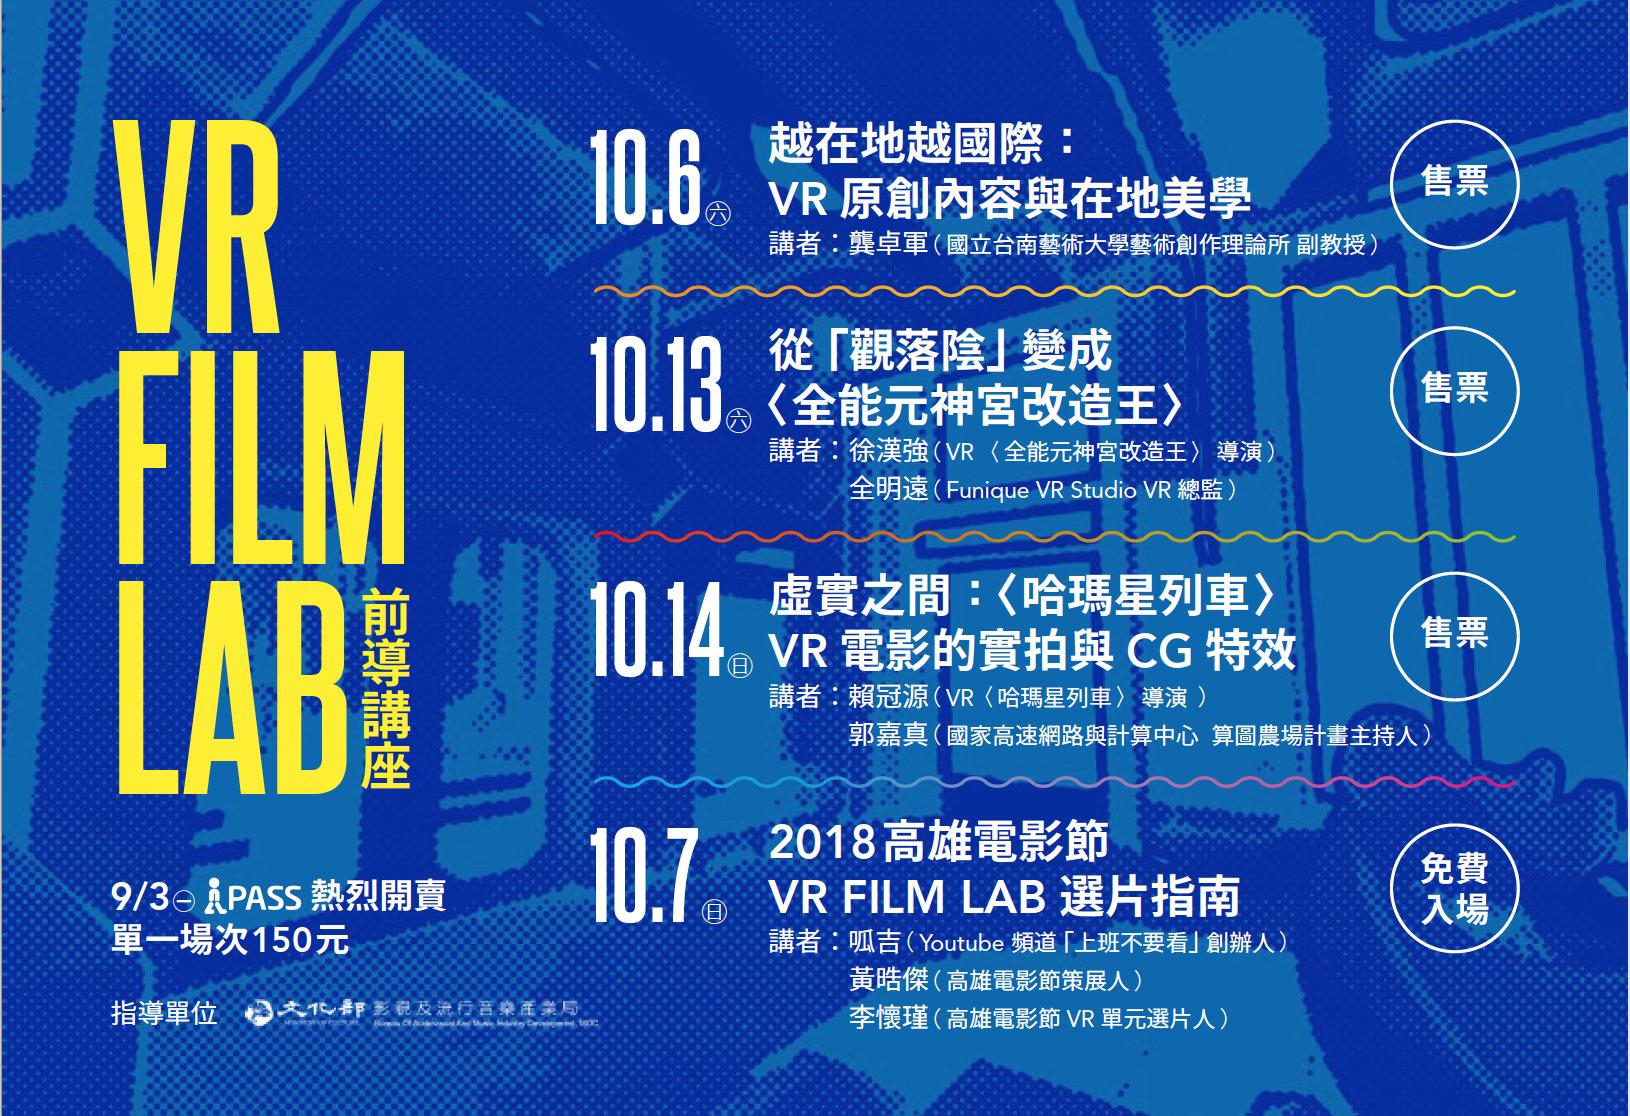 |2018高雄電影節VR單元|<br />VR 前導活動 10/6, 7, 13, 14線上開賣